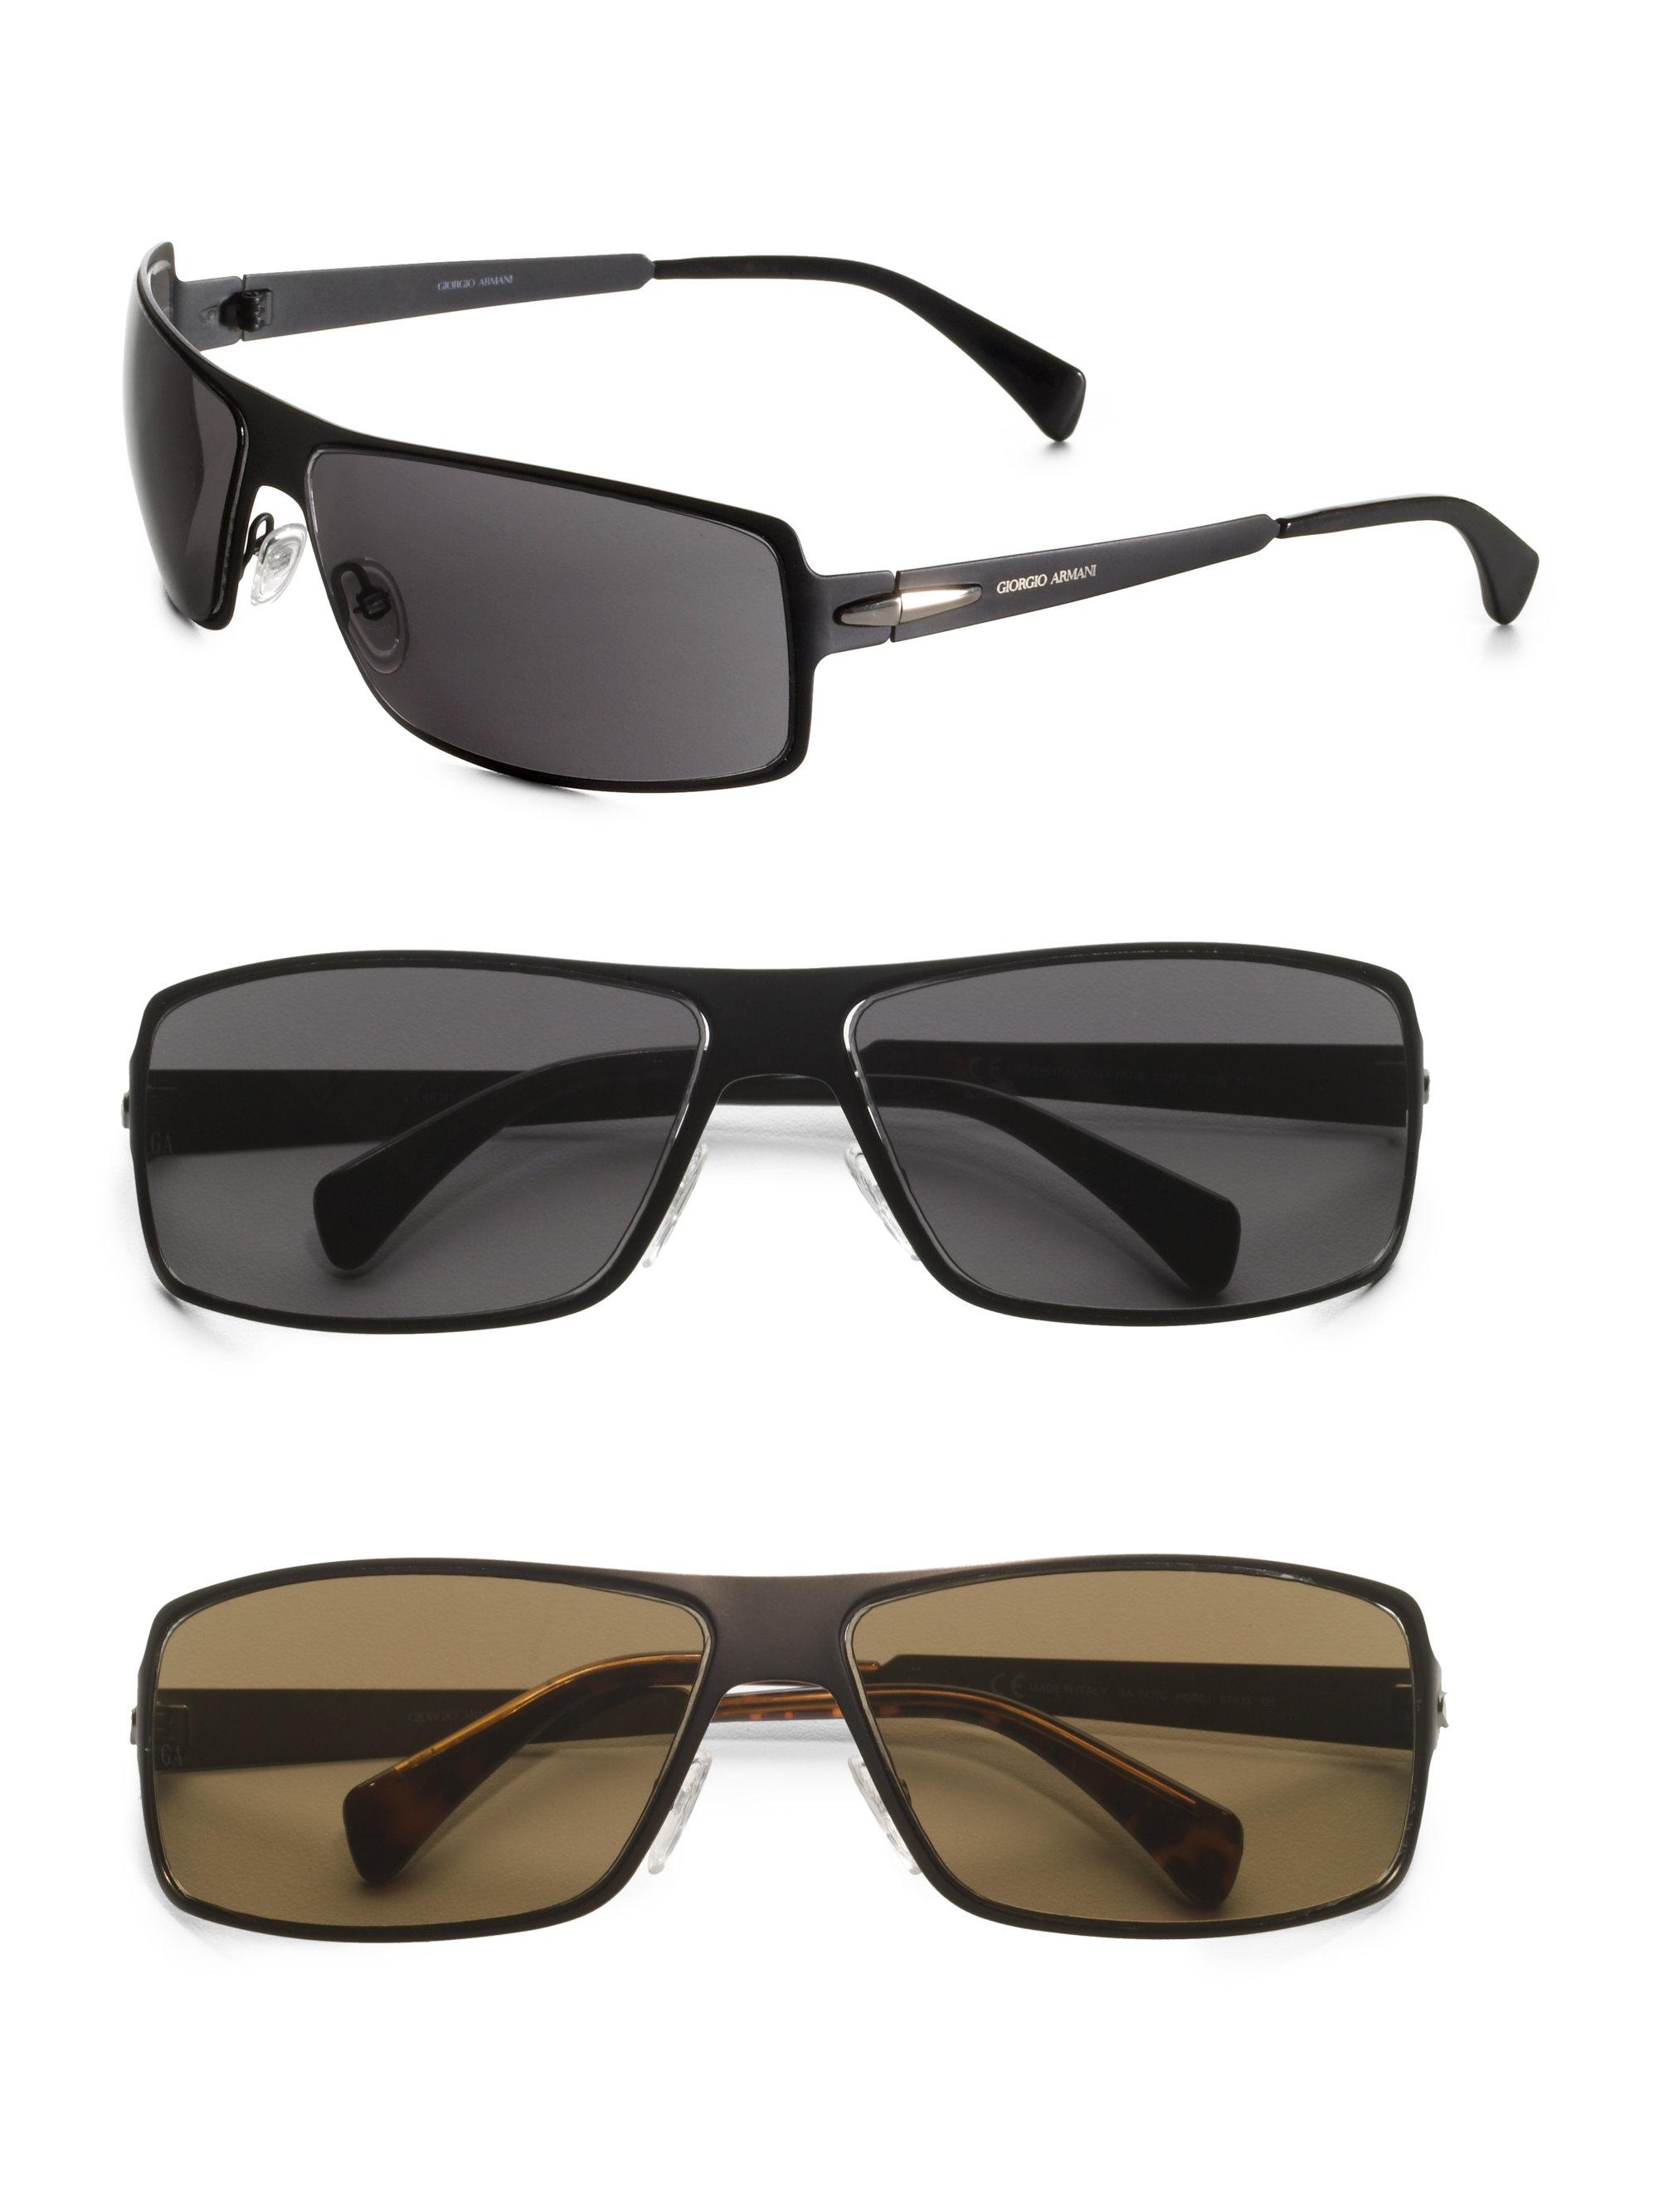 Lyst - Giorgio Armani Metal Shield Sunglasses in Brown for Men